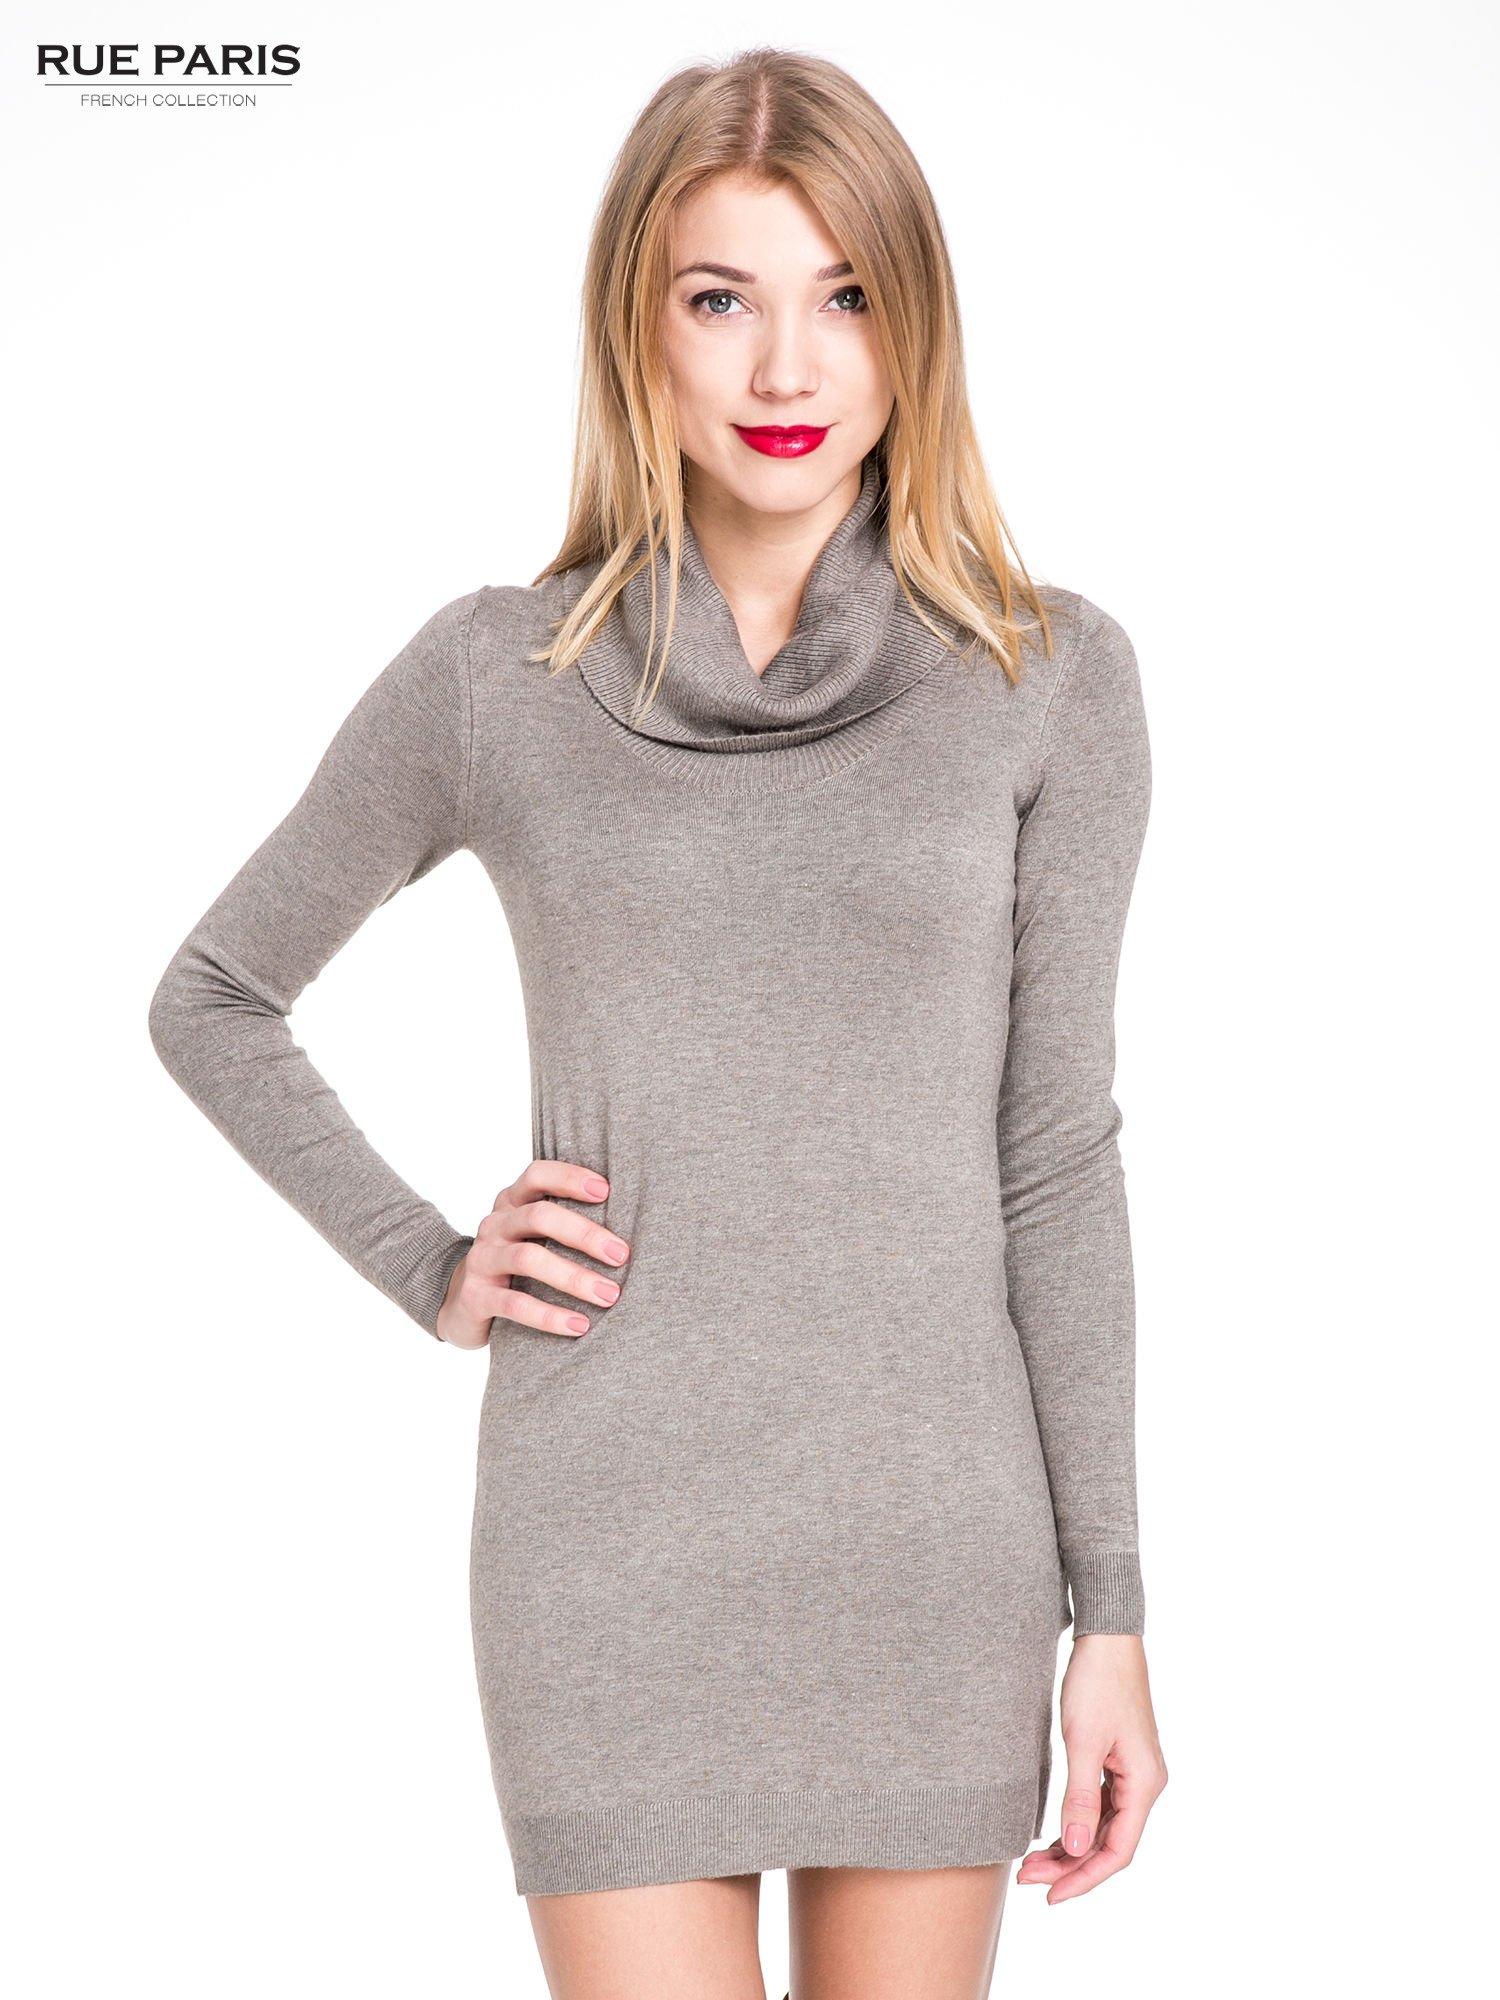 Jasnobrązowa swetrowa sukienka z golfem                                  zdj.                                  1